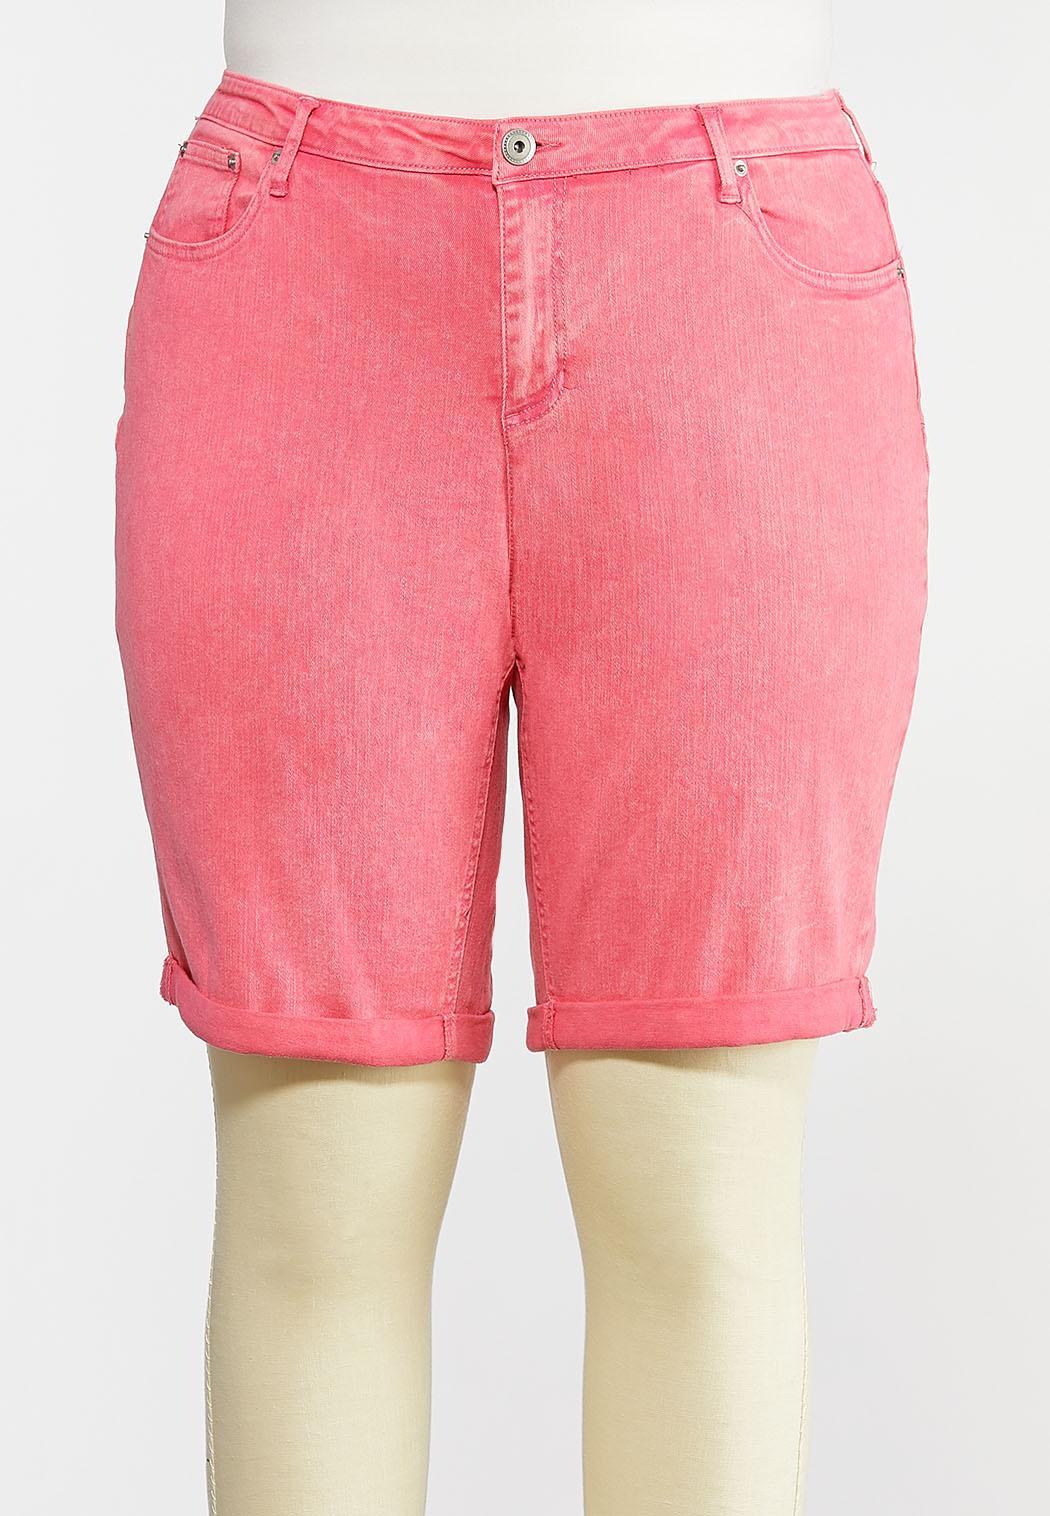 Plus Size Pink Denim Bermuda Shorts